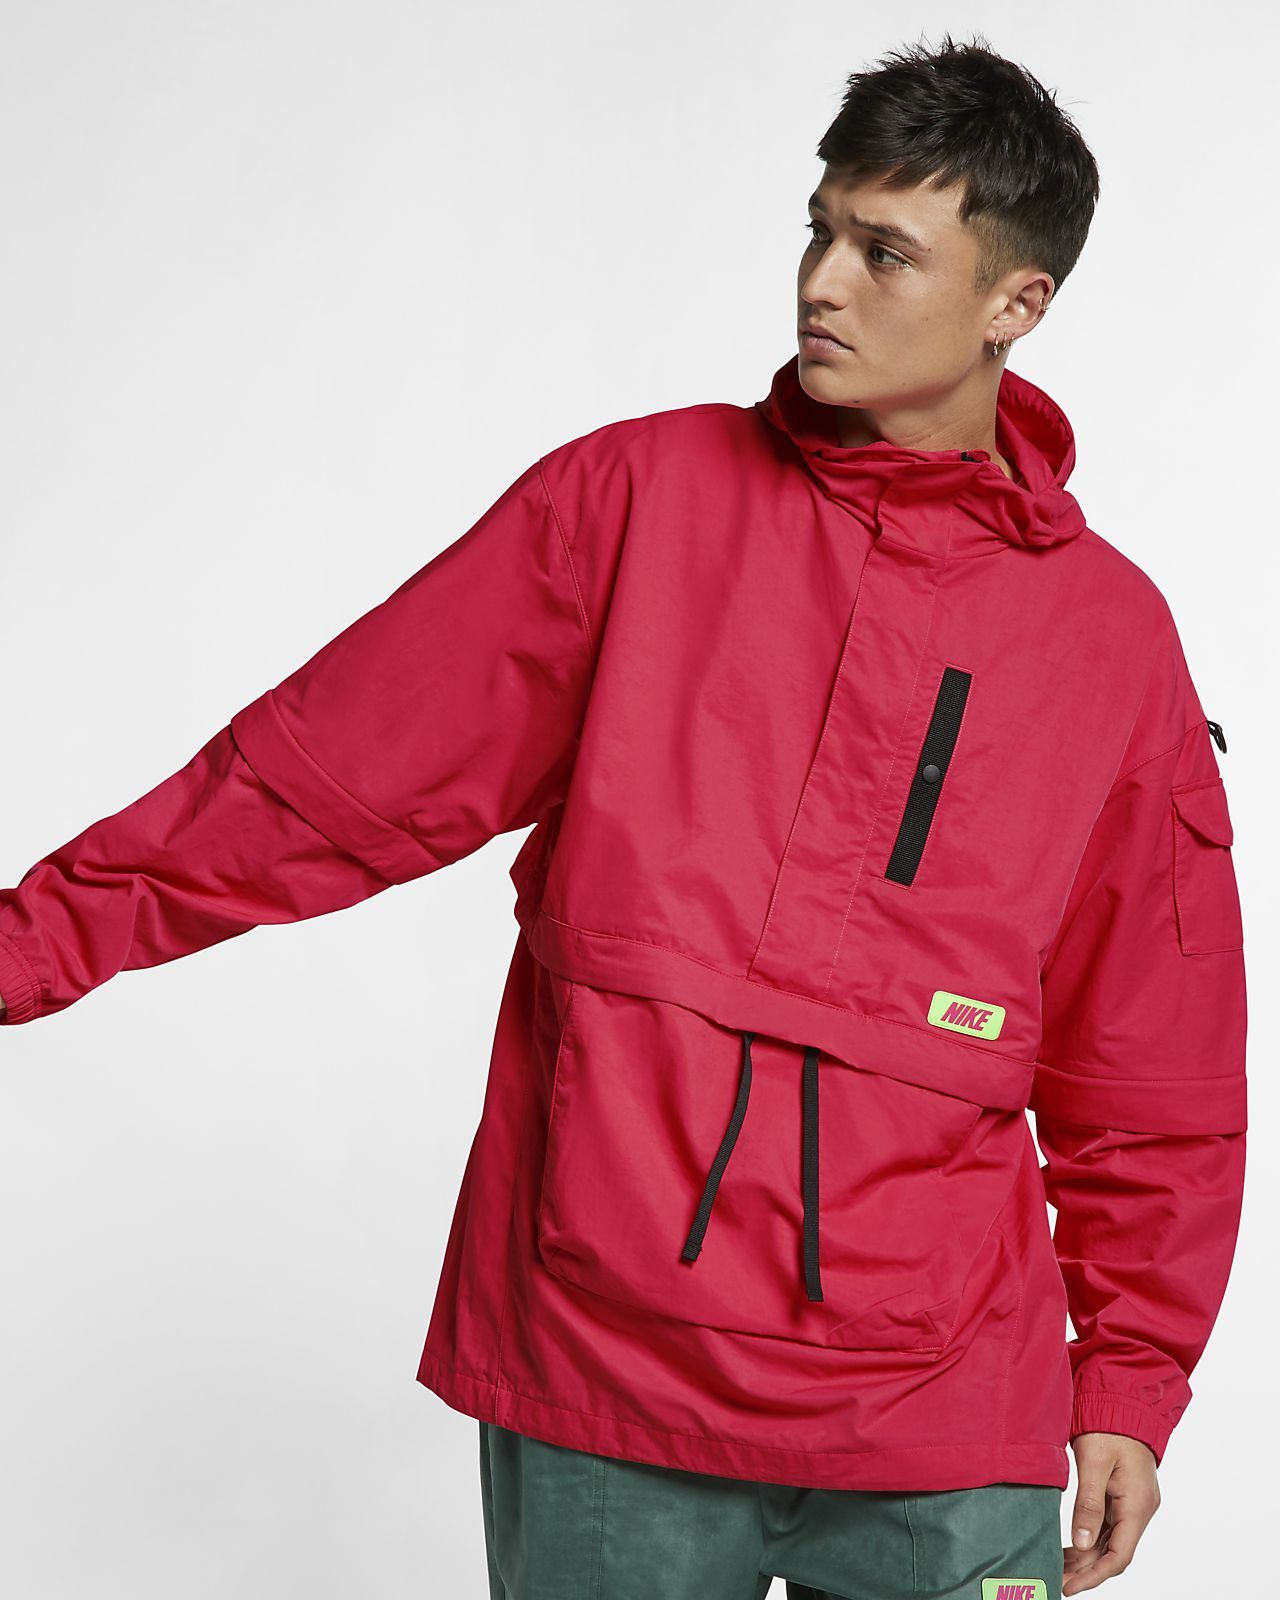 Quest Anorak Jacket | Anorak jacket, Jackets, Half zip pullover